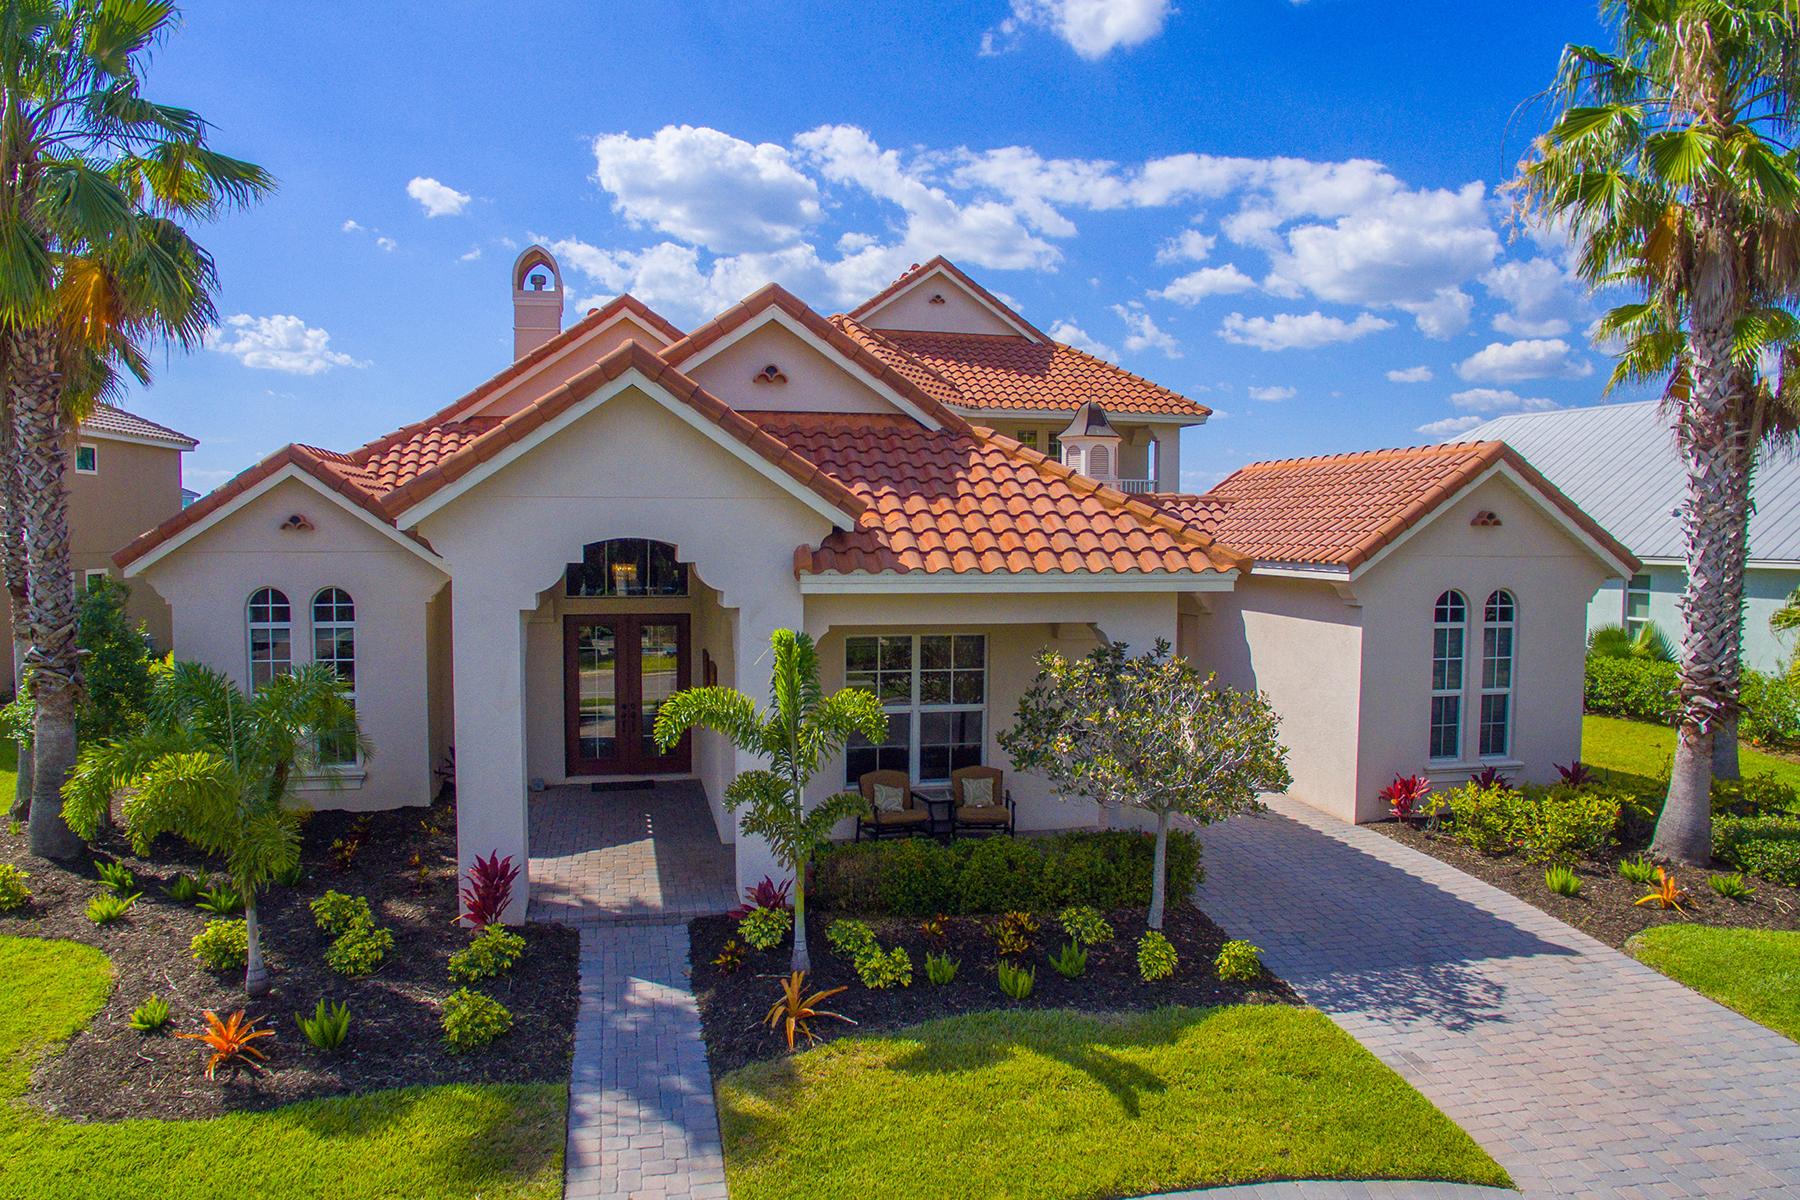 단독 가정 주택 용 매매 에 THE RESERVE AT HARBOUR WALK 548 Fore Dr Bradenton, 플로리다, 34208 미국